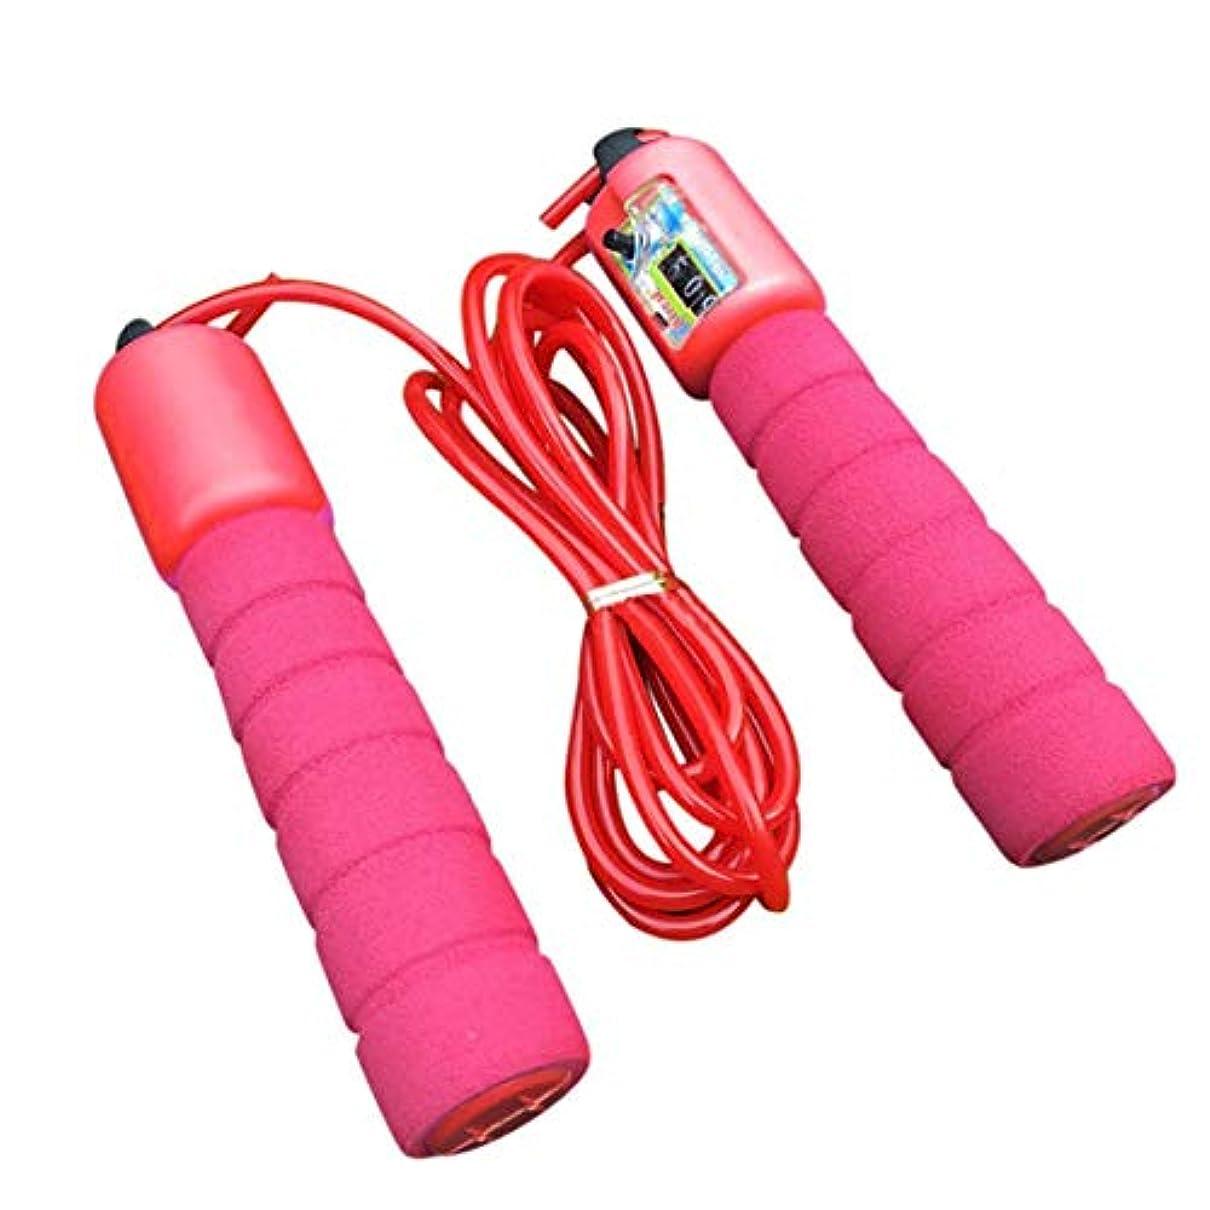 記憶ラジカルパール調整可能なプロフェッショナルカウント縄跳び自動カウントジャンプロープフィットネス運動高速カウントジャンプロープ - 赤